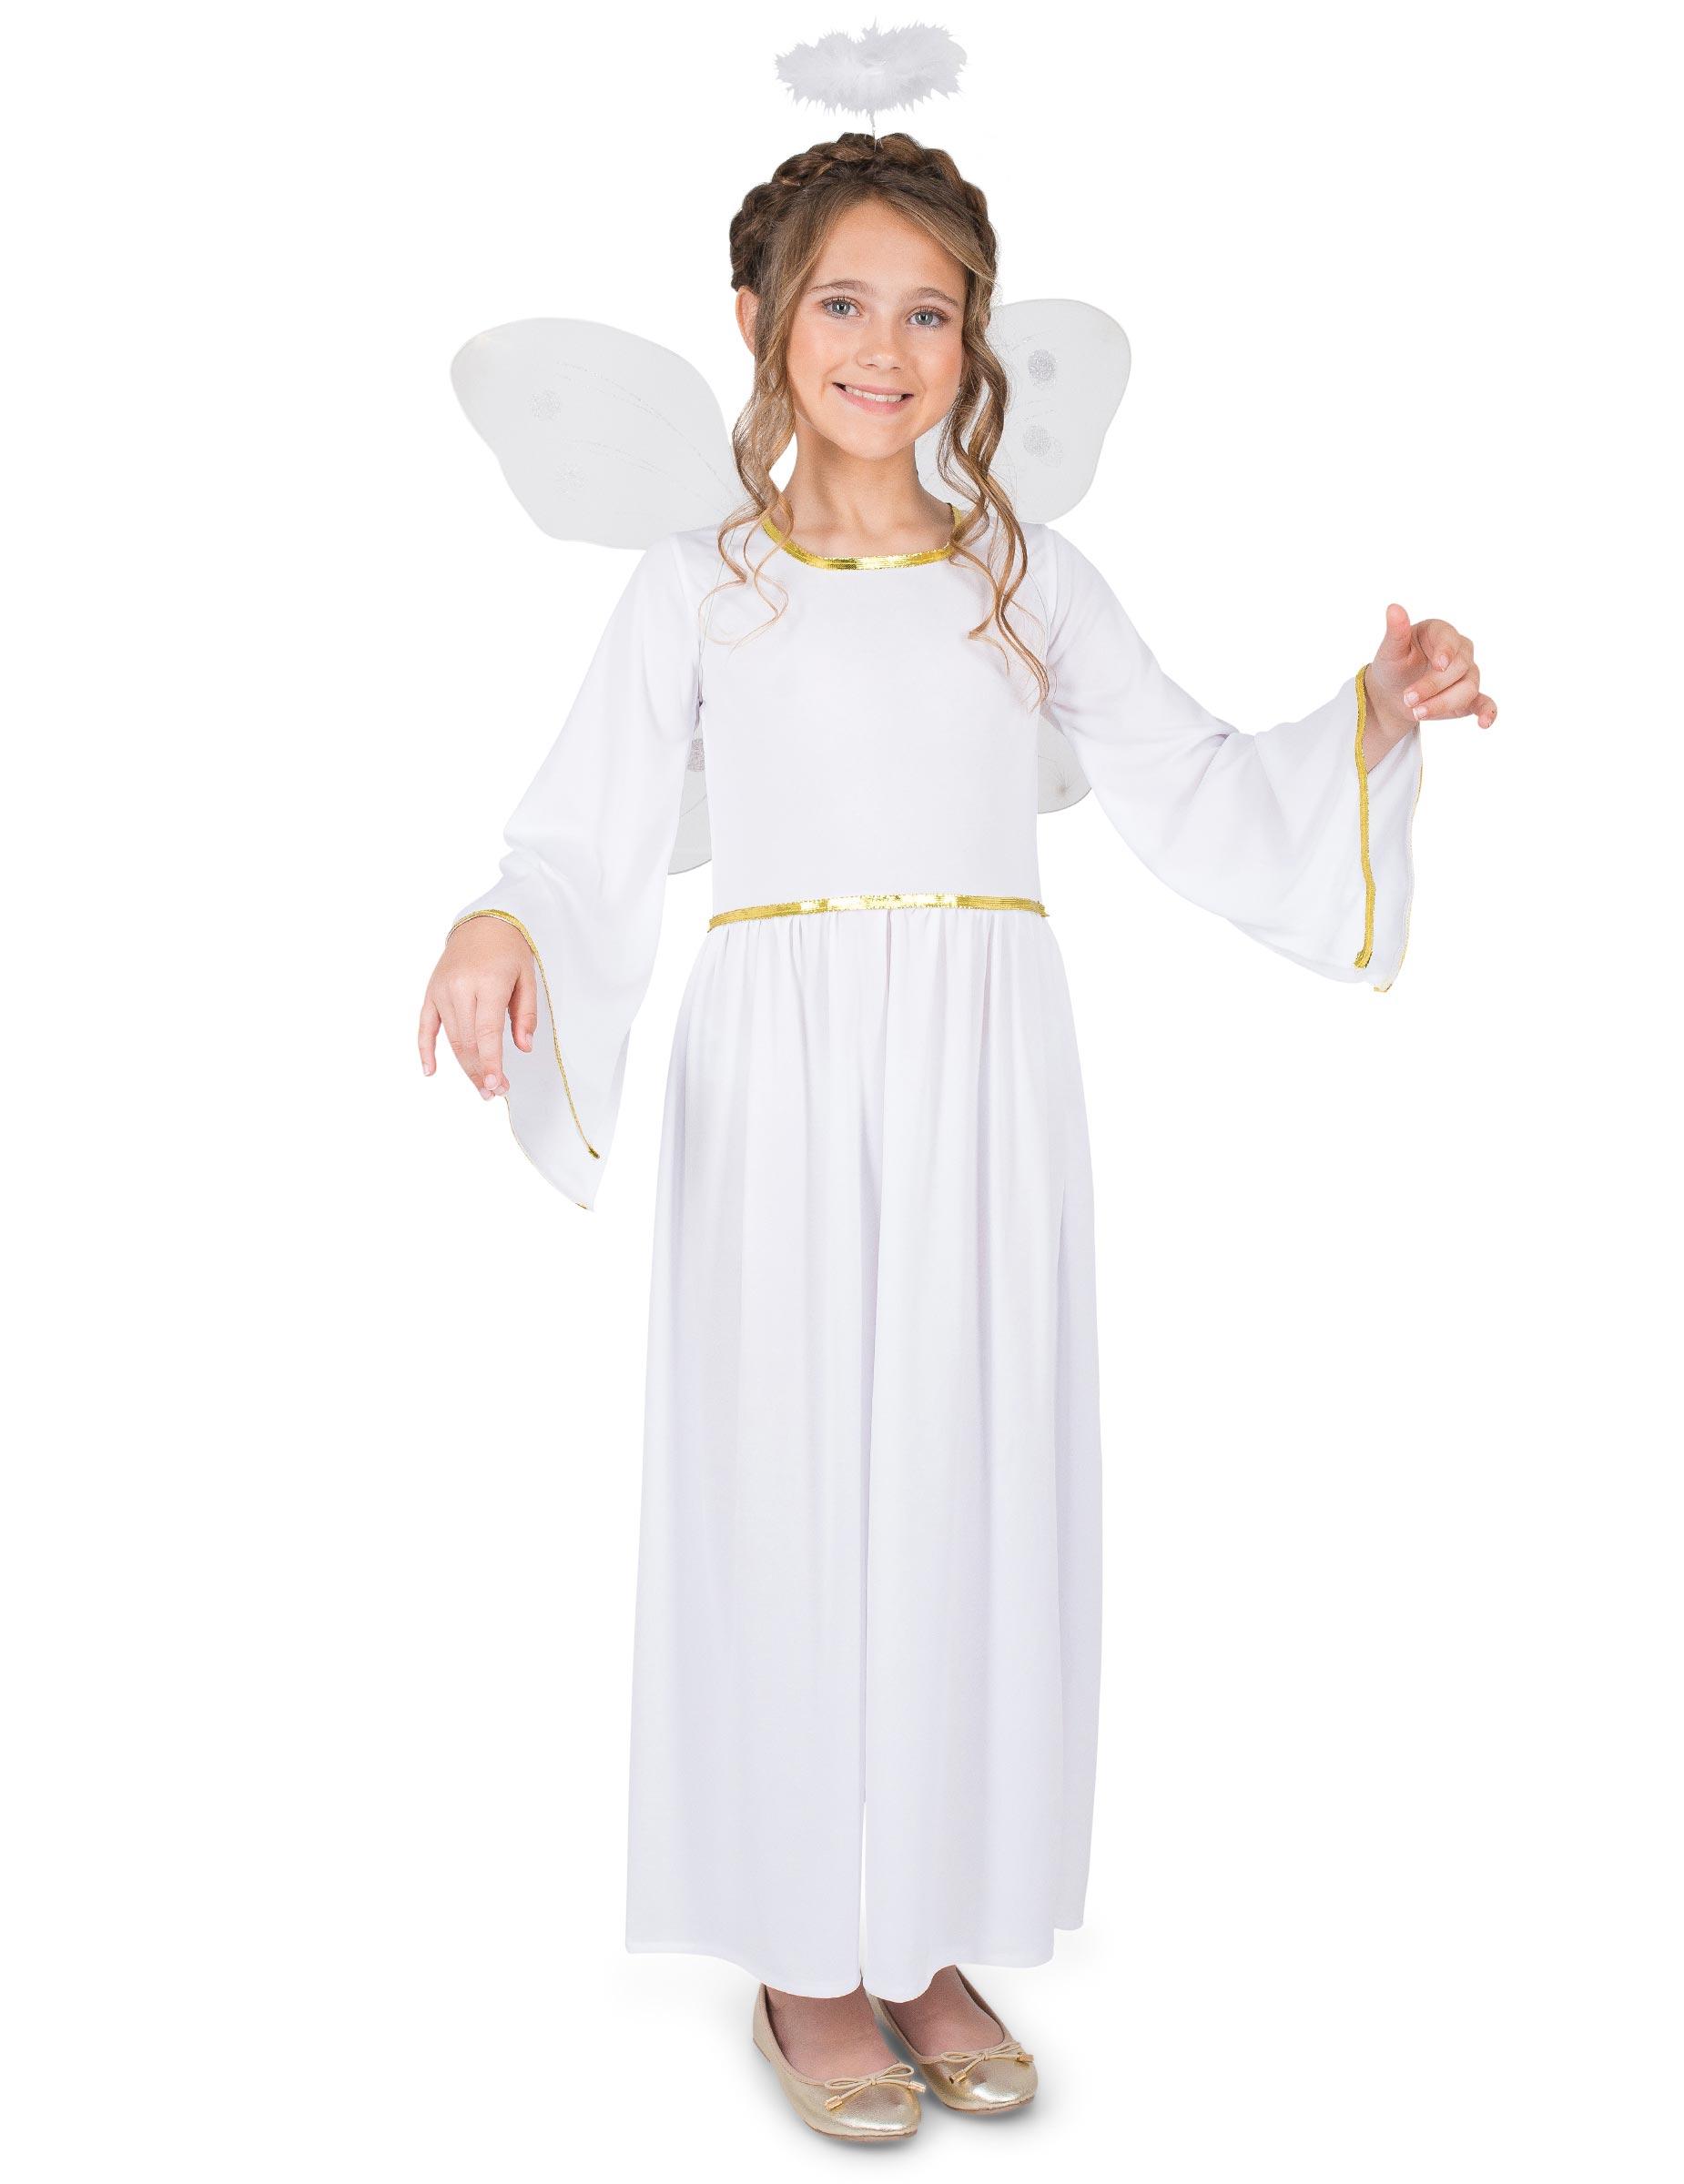 Engel Madchenkostum Engelchen Verkleidung Weiss Gold Gunstige